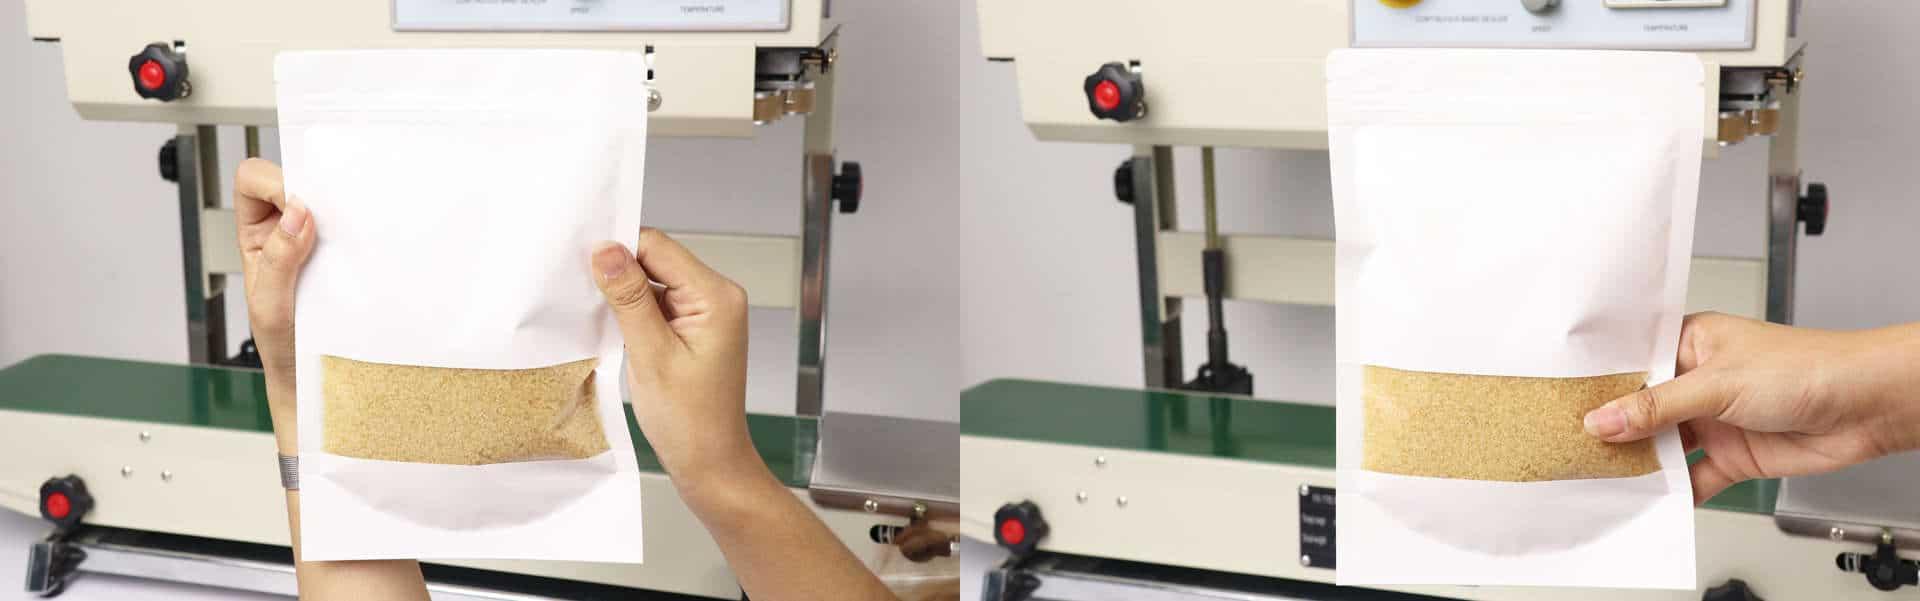 máy hàn miệng túi tự động băng chuyền AS02 - hàn dễ dàng Túi kraft giấy rất dày